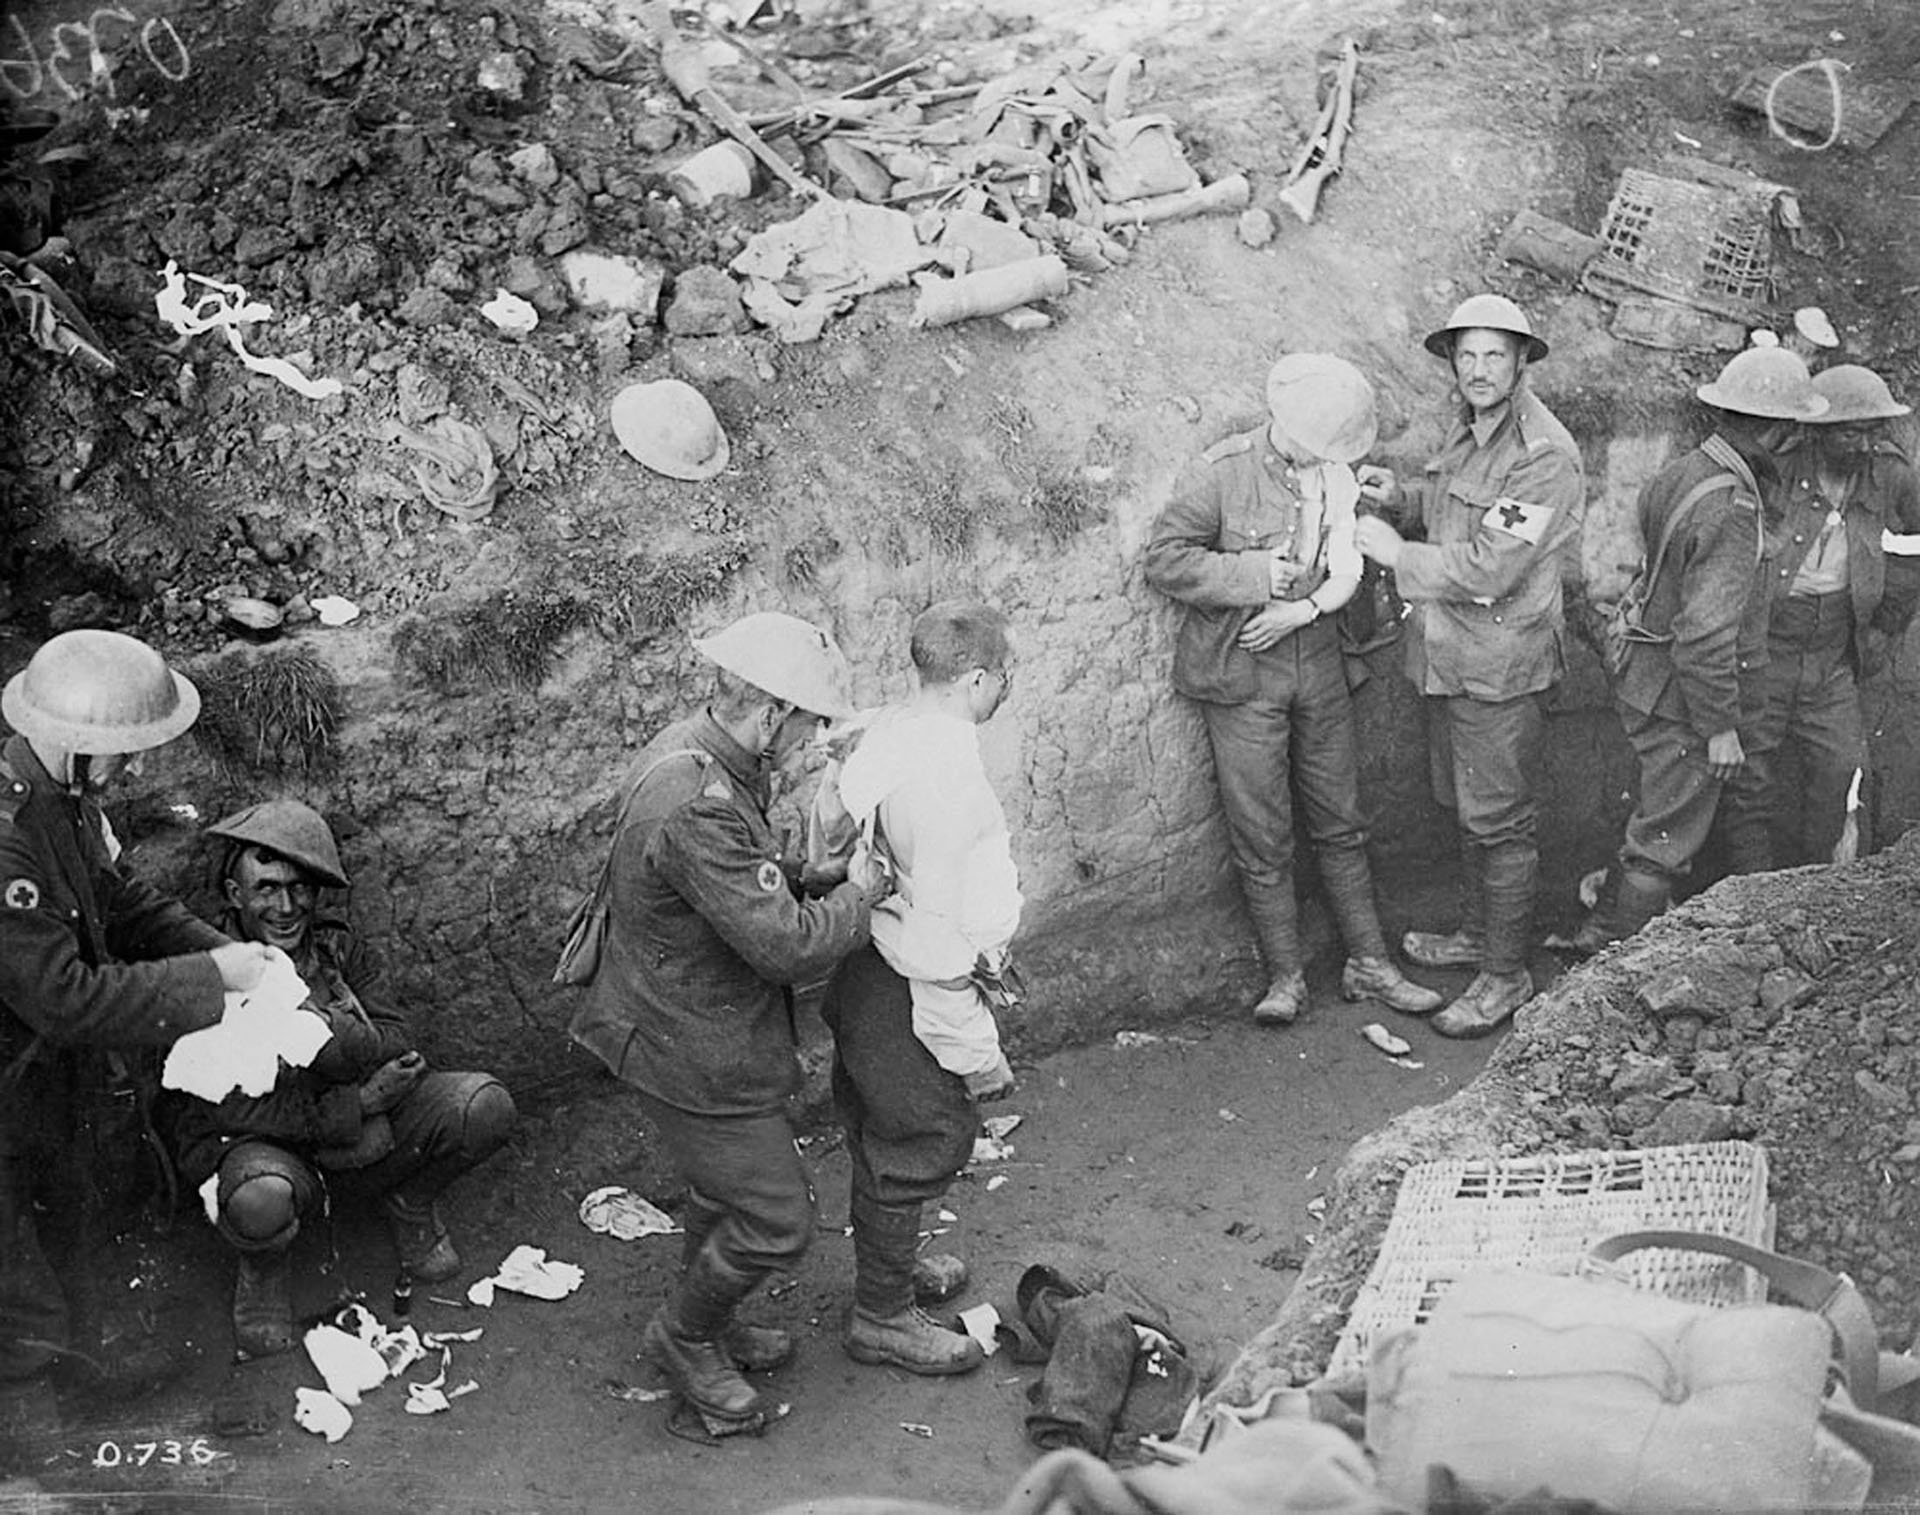 Varios heridos son atendidos en una trinchera durante la operación Courcelette de la batalla del Somme (Reuters)